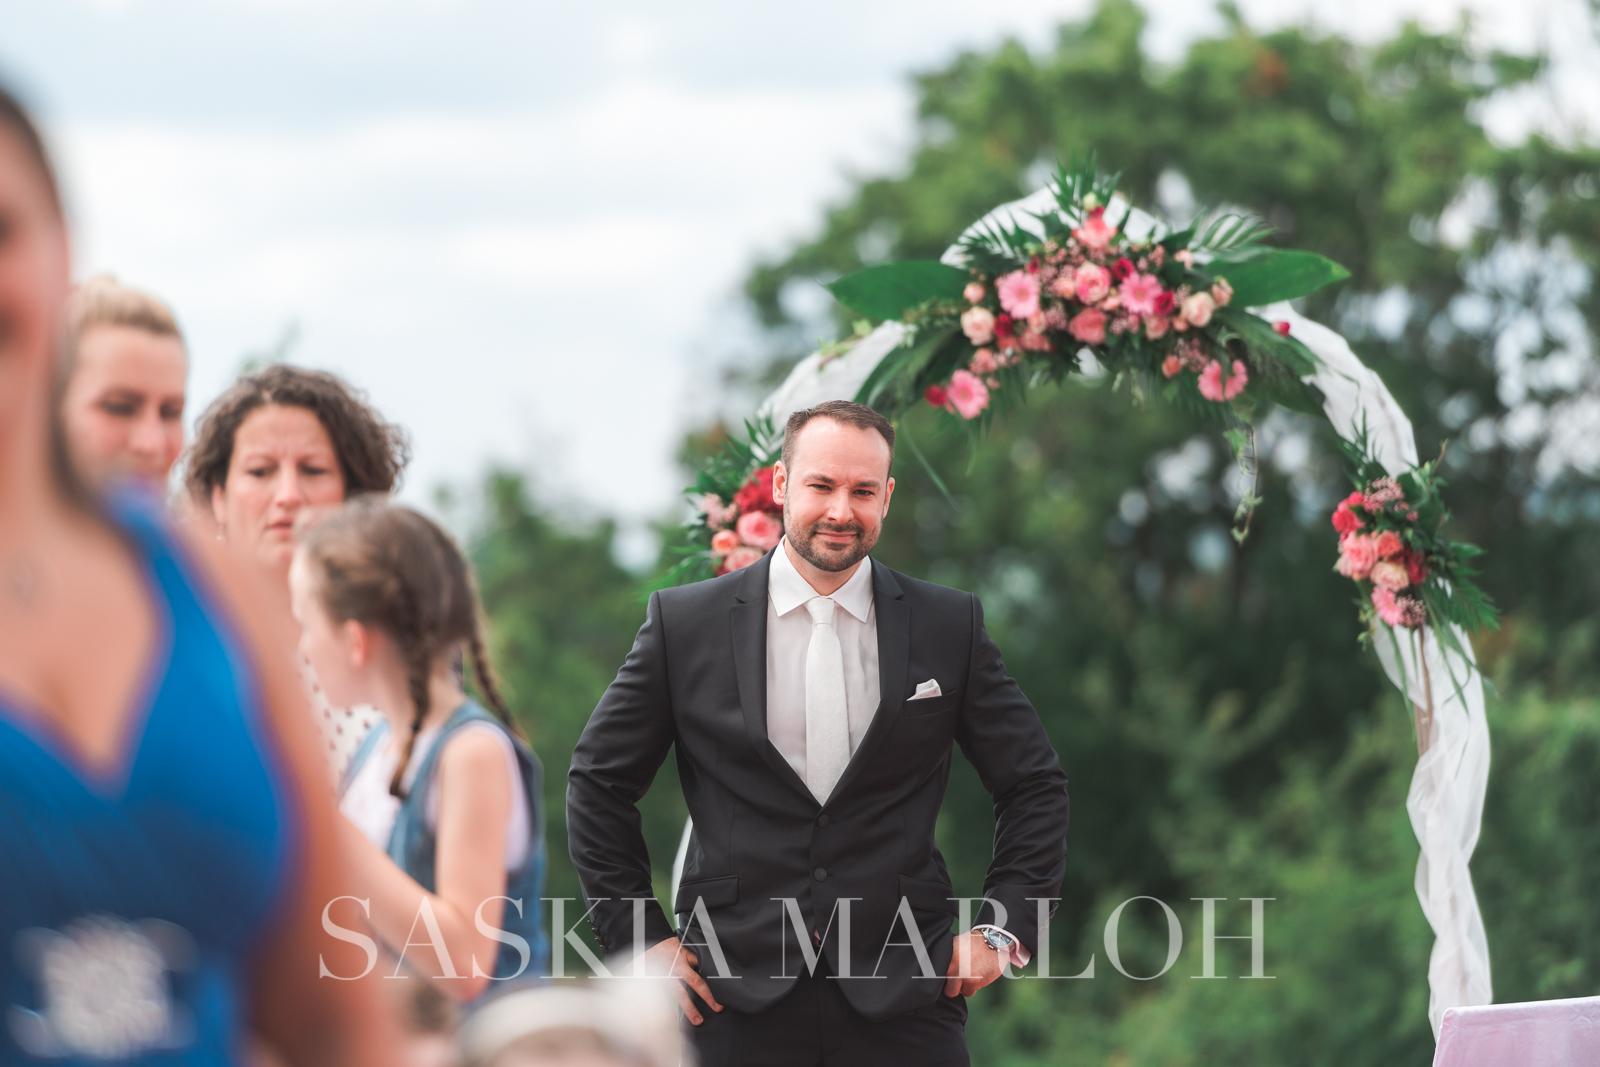 WEINGUT-GEORG-MÜLLER-CLUB-PRESTIGE-DE-LUXE-HOCHZEIT-WEDDING-PHOTO-FOTO-SASKIA-MARLOH-edit-72